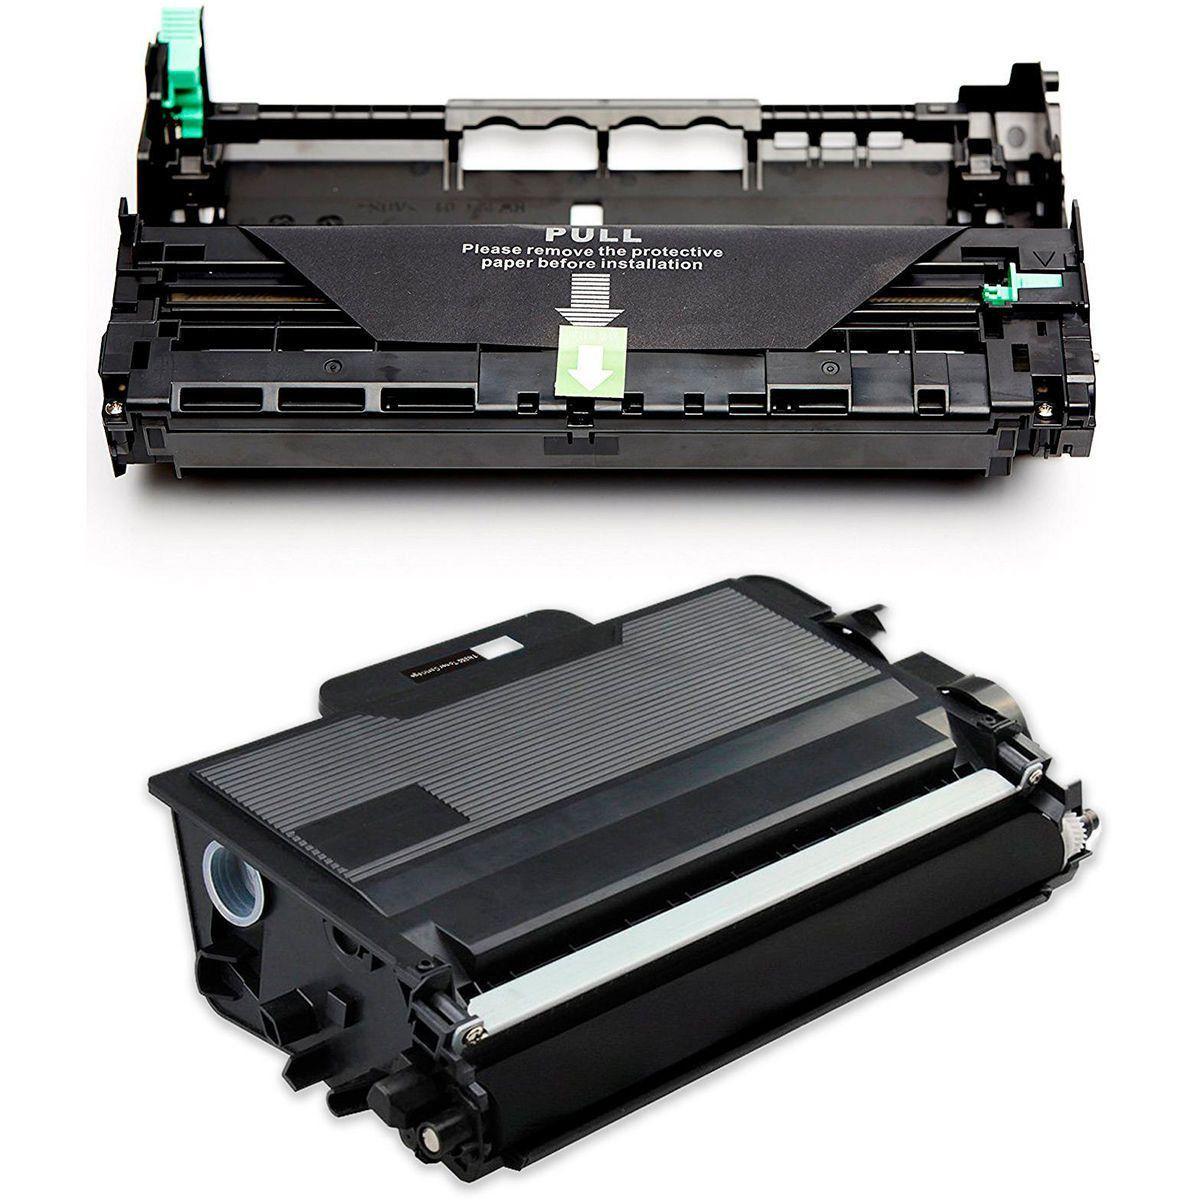 Compatível: Combo Fotocondutor DR3440 DR820 + Toner TN3492 TN890 para Brother L6902dw L5202dw L6202dw L6402dw L5702dw